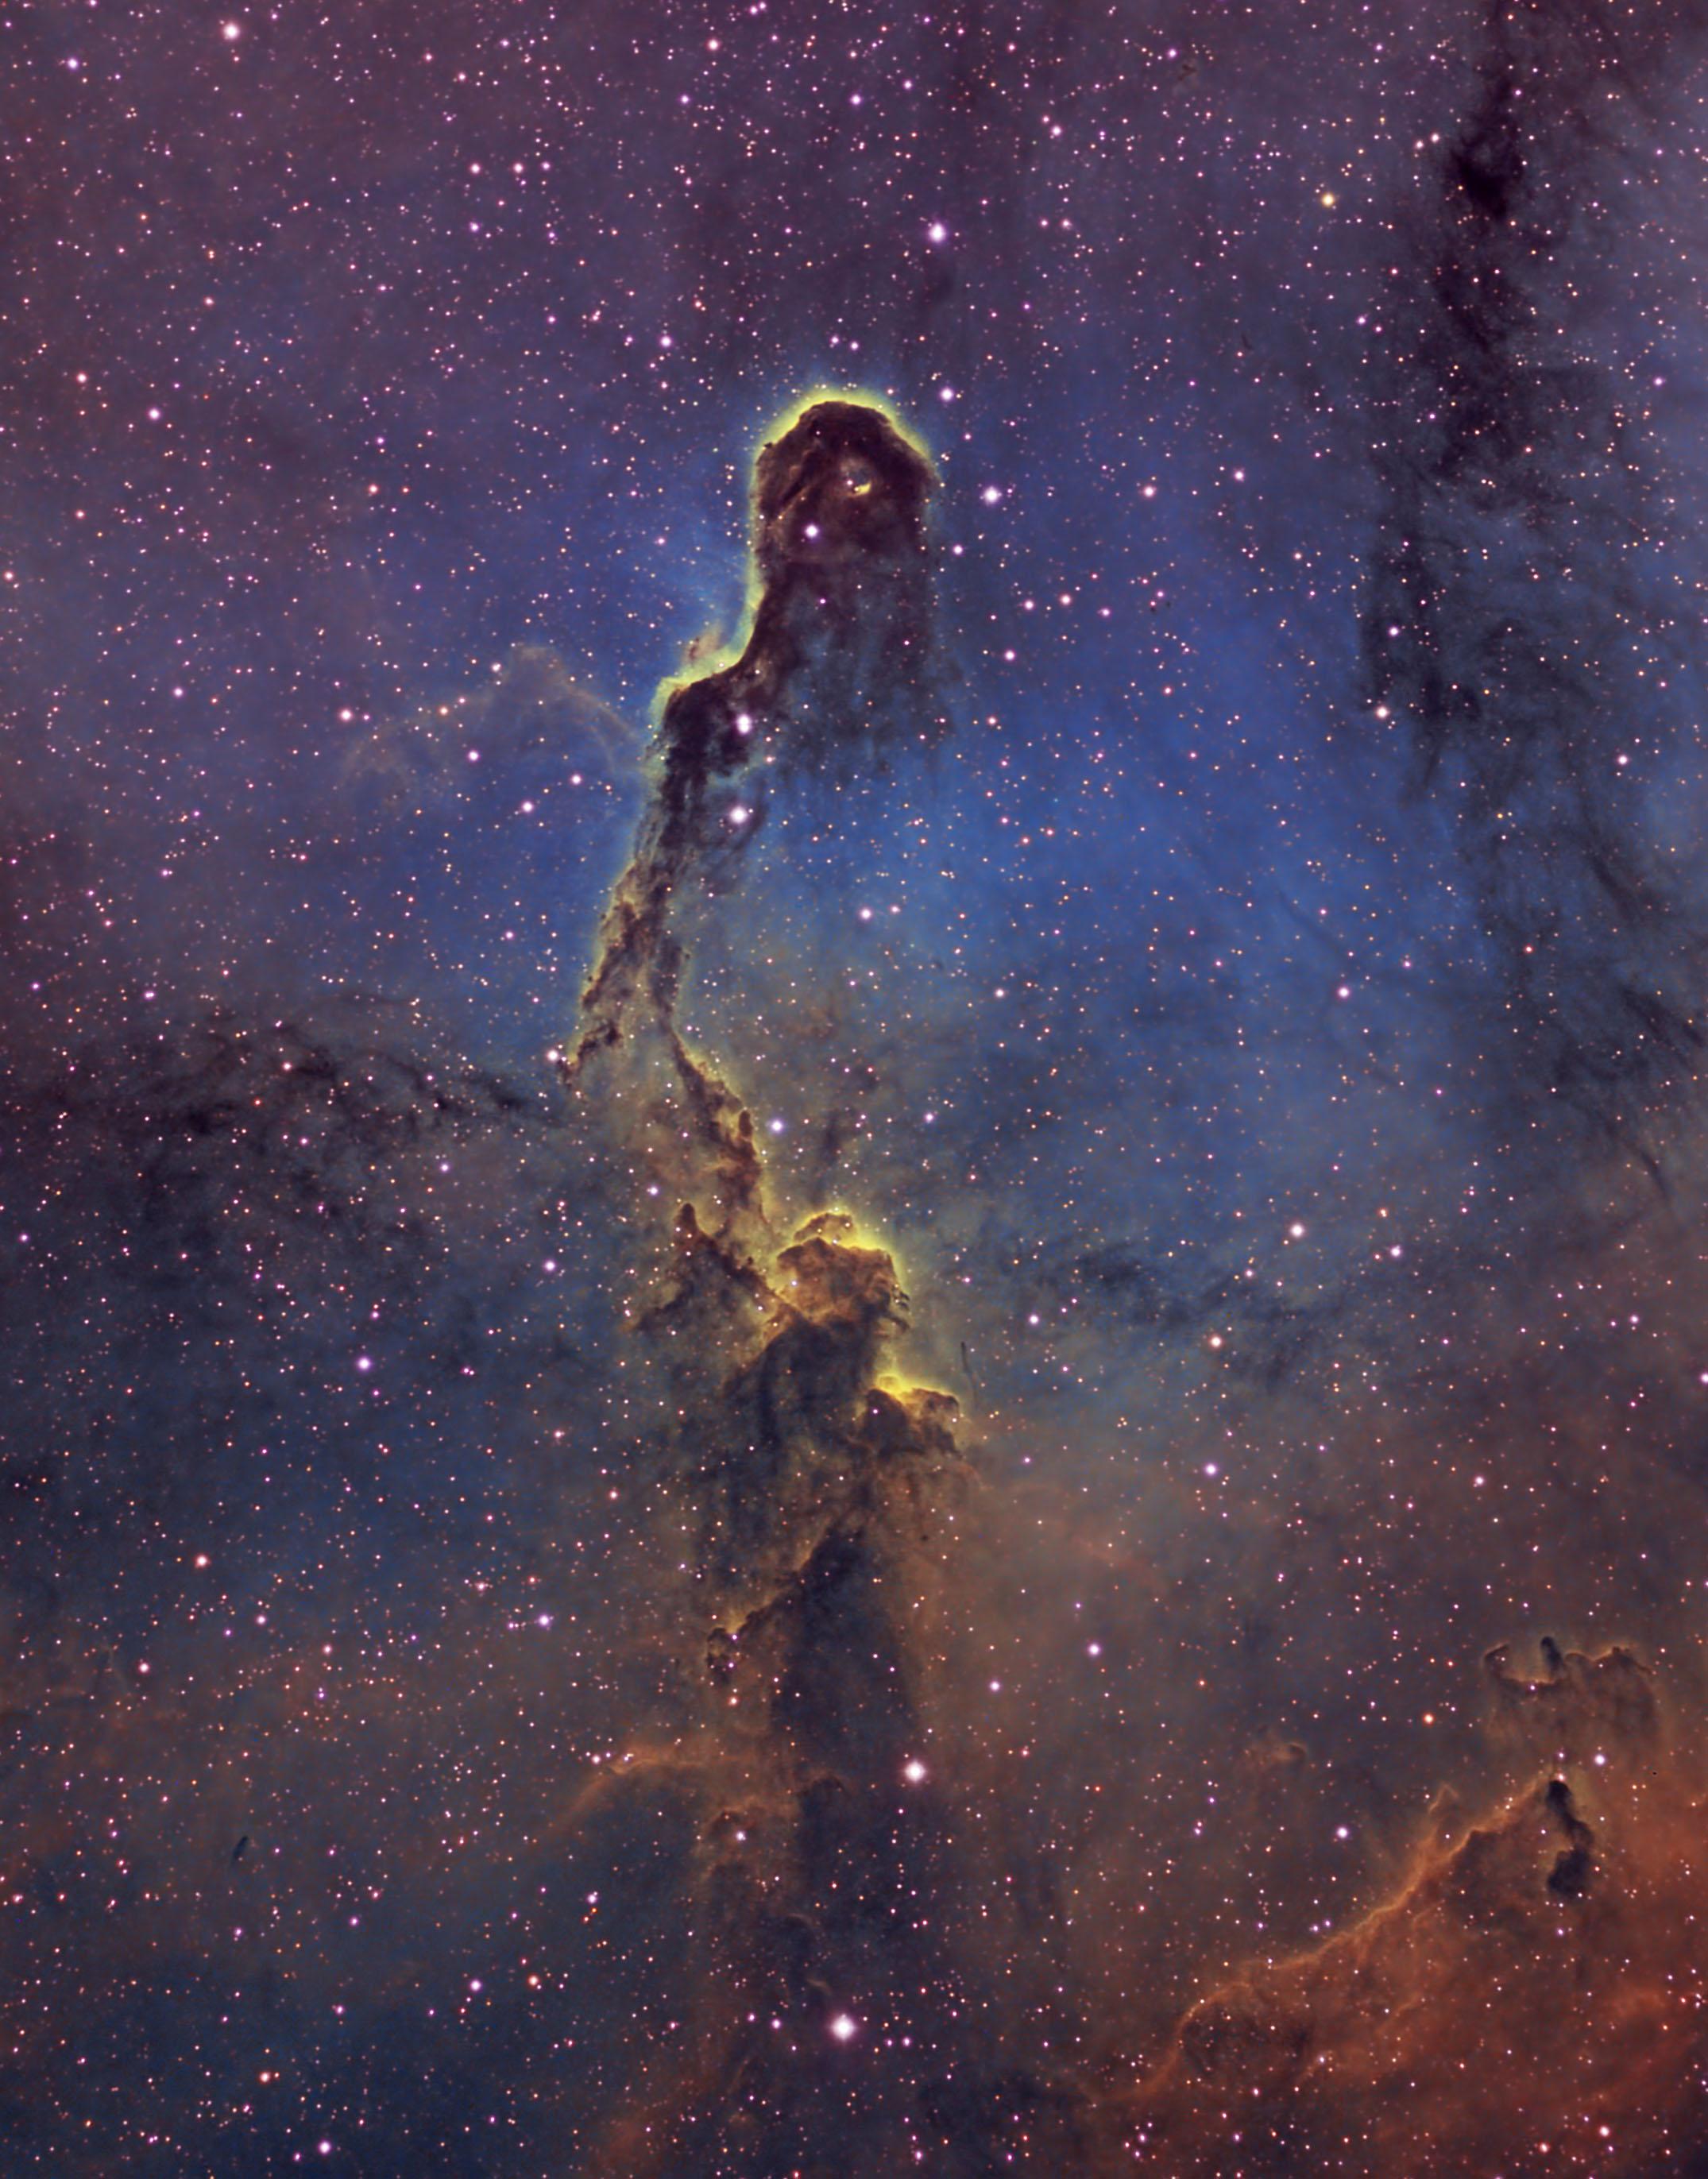 Секс и космос фото 9 фотография